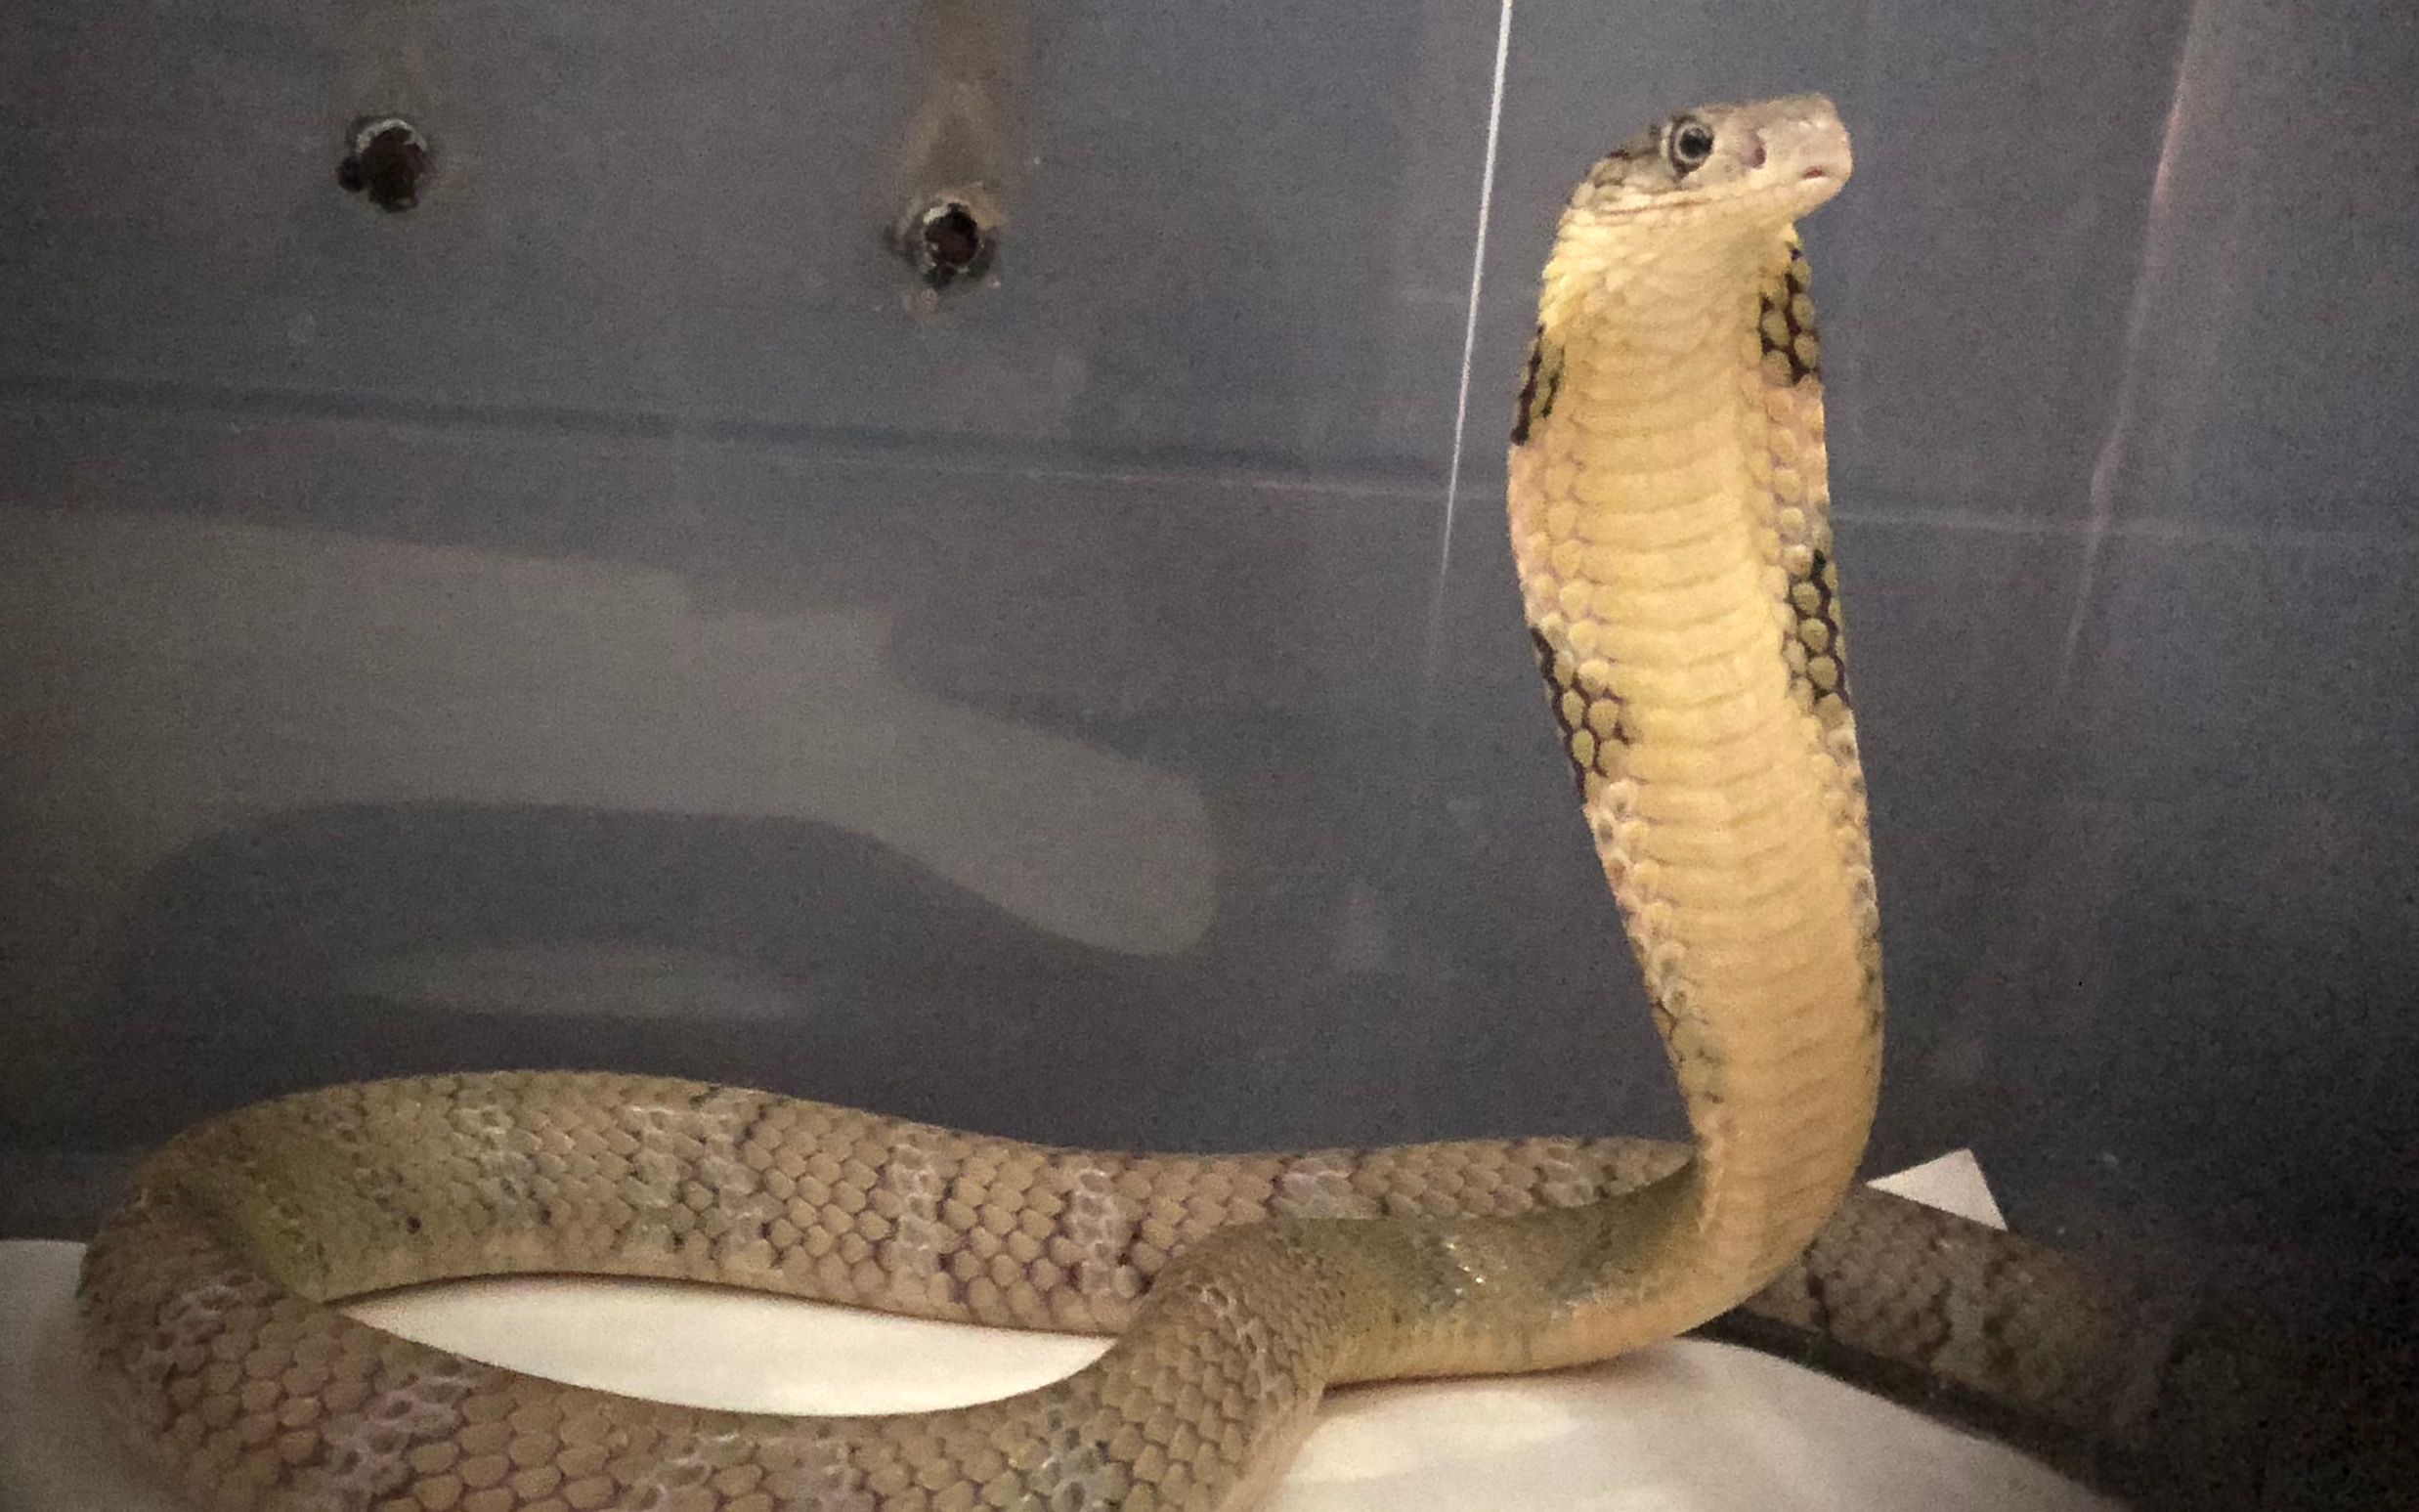 七米巨型眼镜王蛇图片